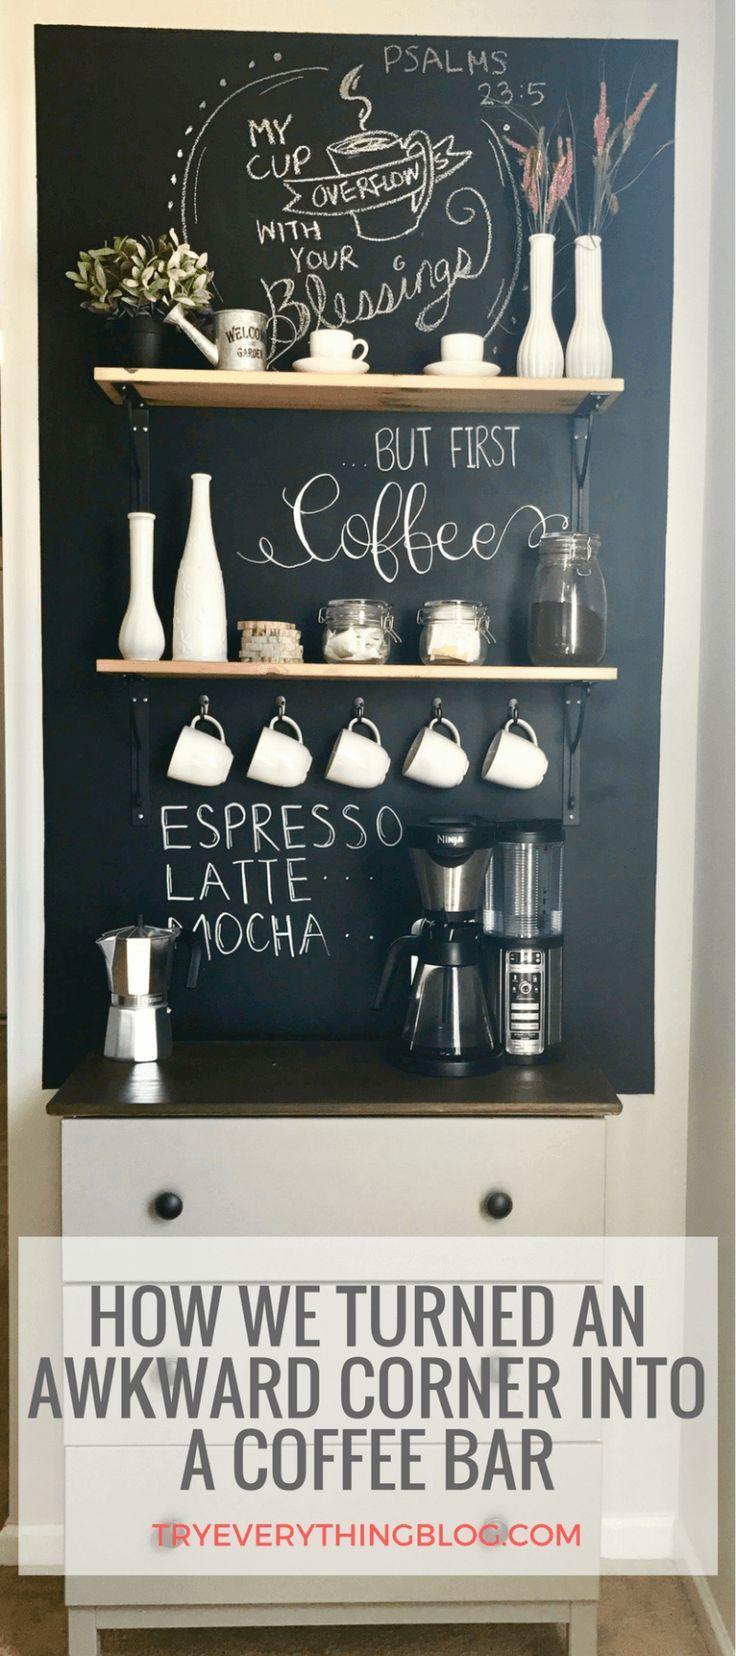 Verwandeln Sie eine unbequeme Ecke in eine Cafébar bei TryEverythingBlog ... #cafebar #tryeverythingblog #unbequeme #verwandeln